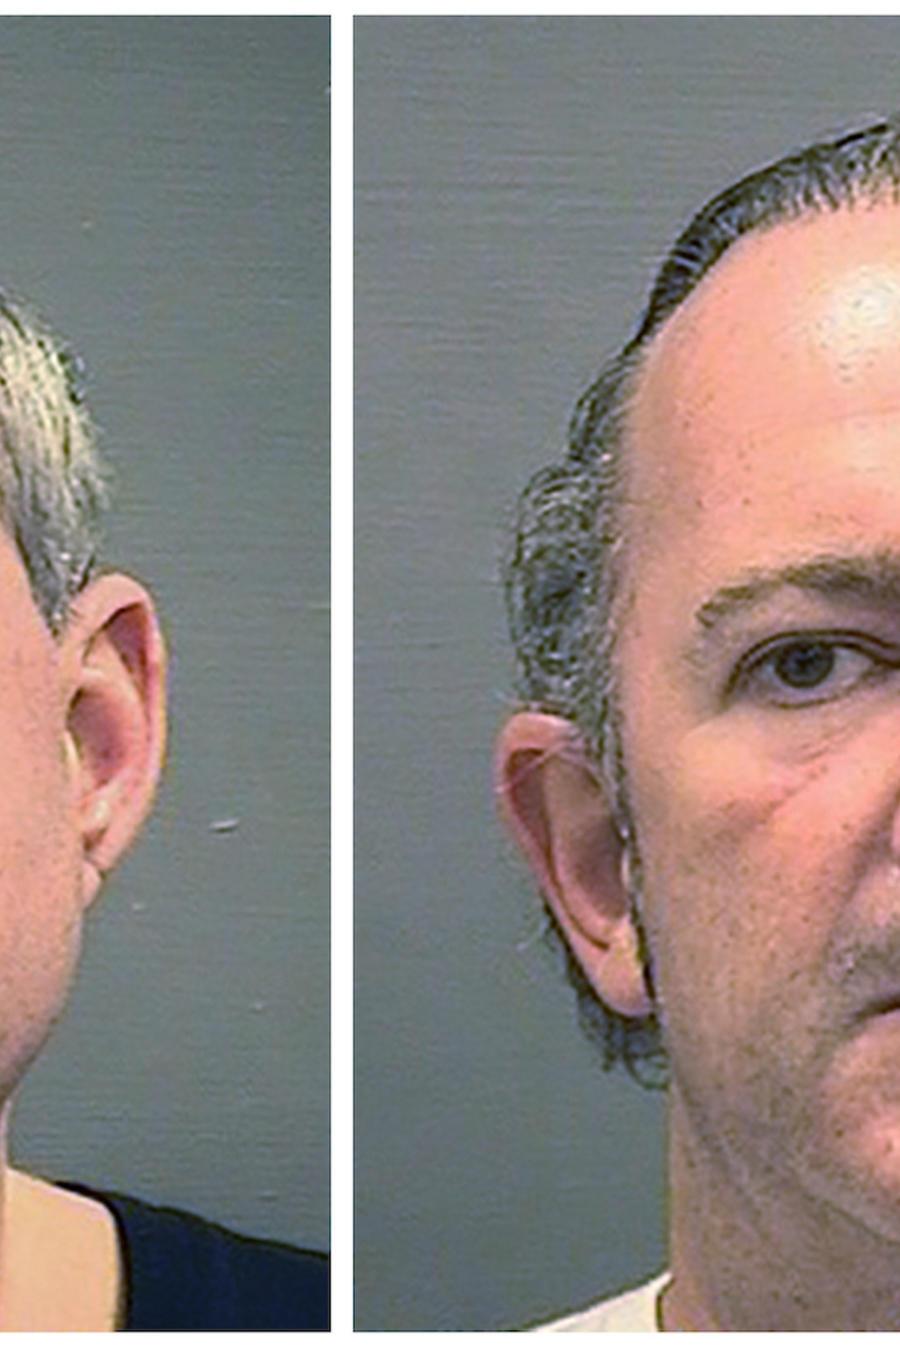 Imagen de Lev Parnas, a la izquierda, e Igor Fruman, suministradas por la Oficina del Alguacil de Alexandria, Virginia.